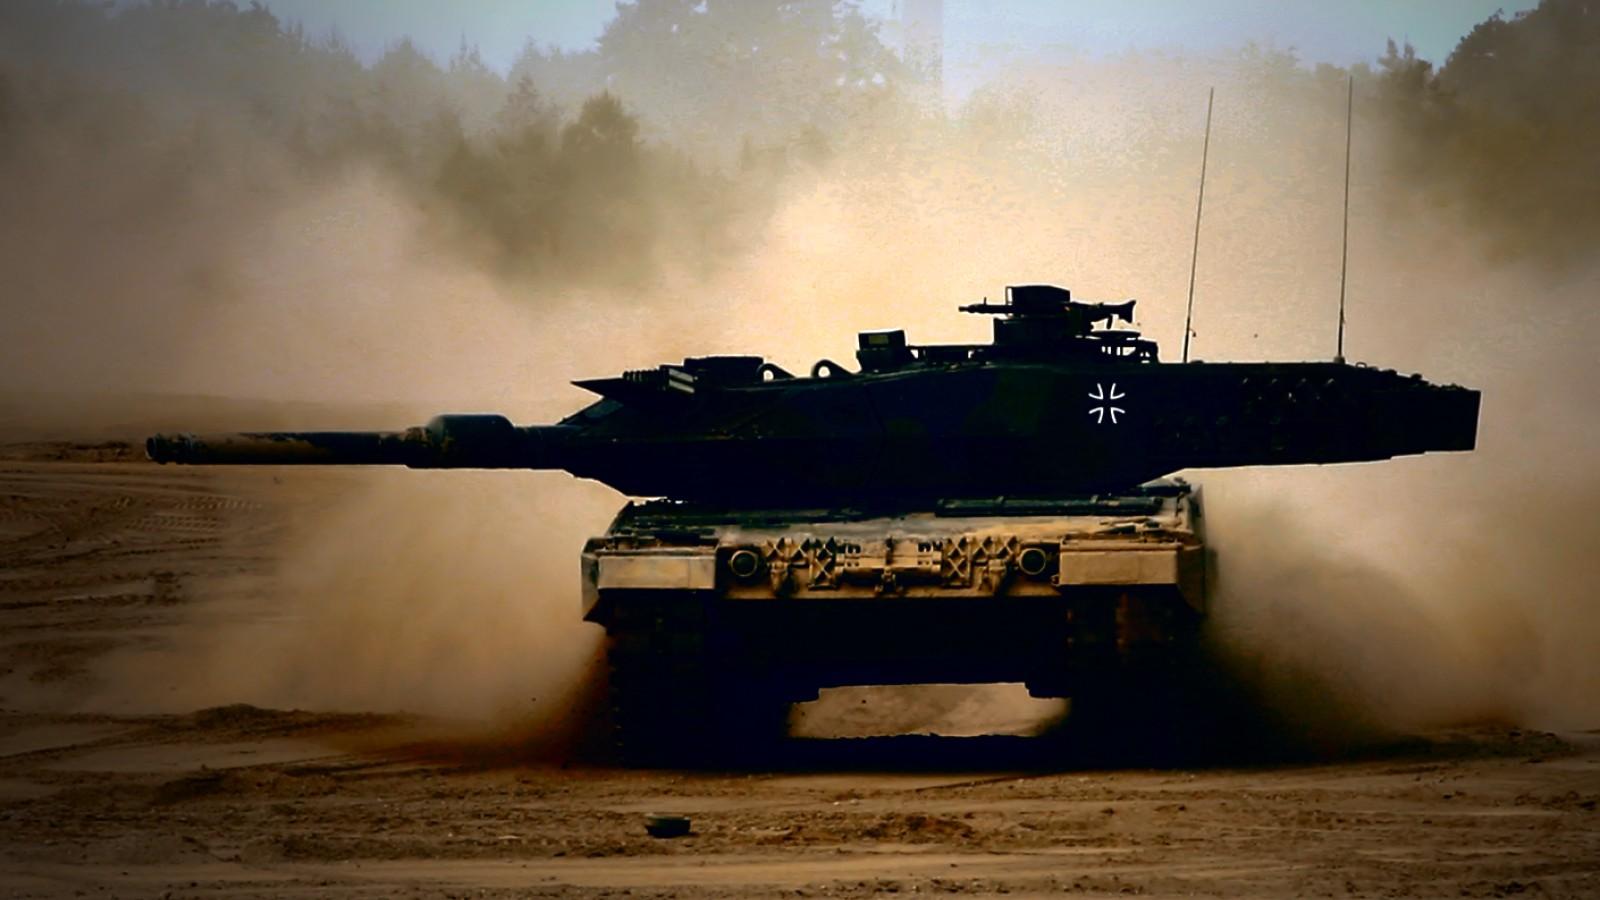 34776_tank.jpg